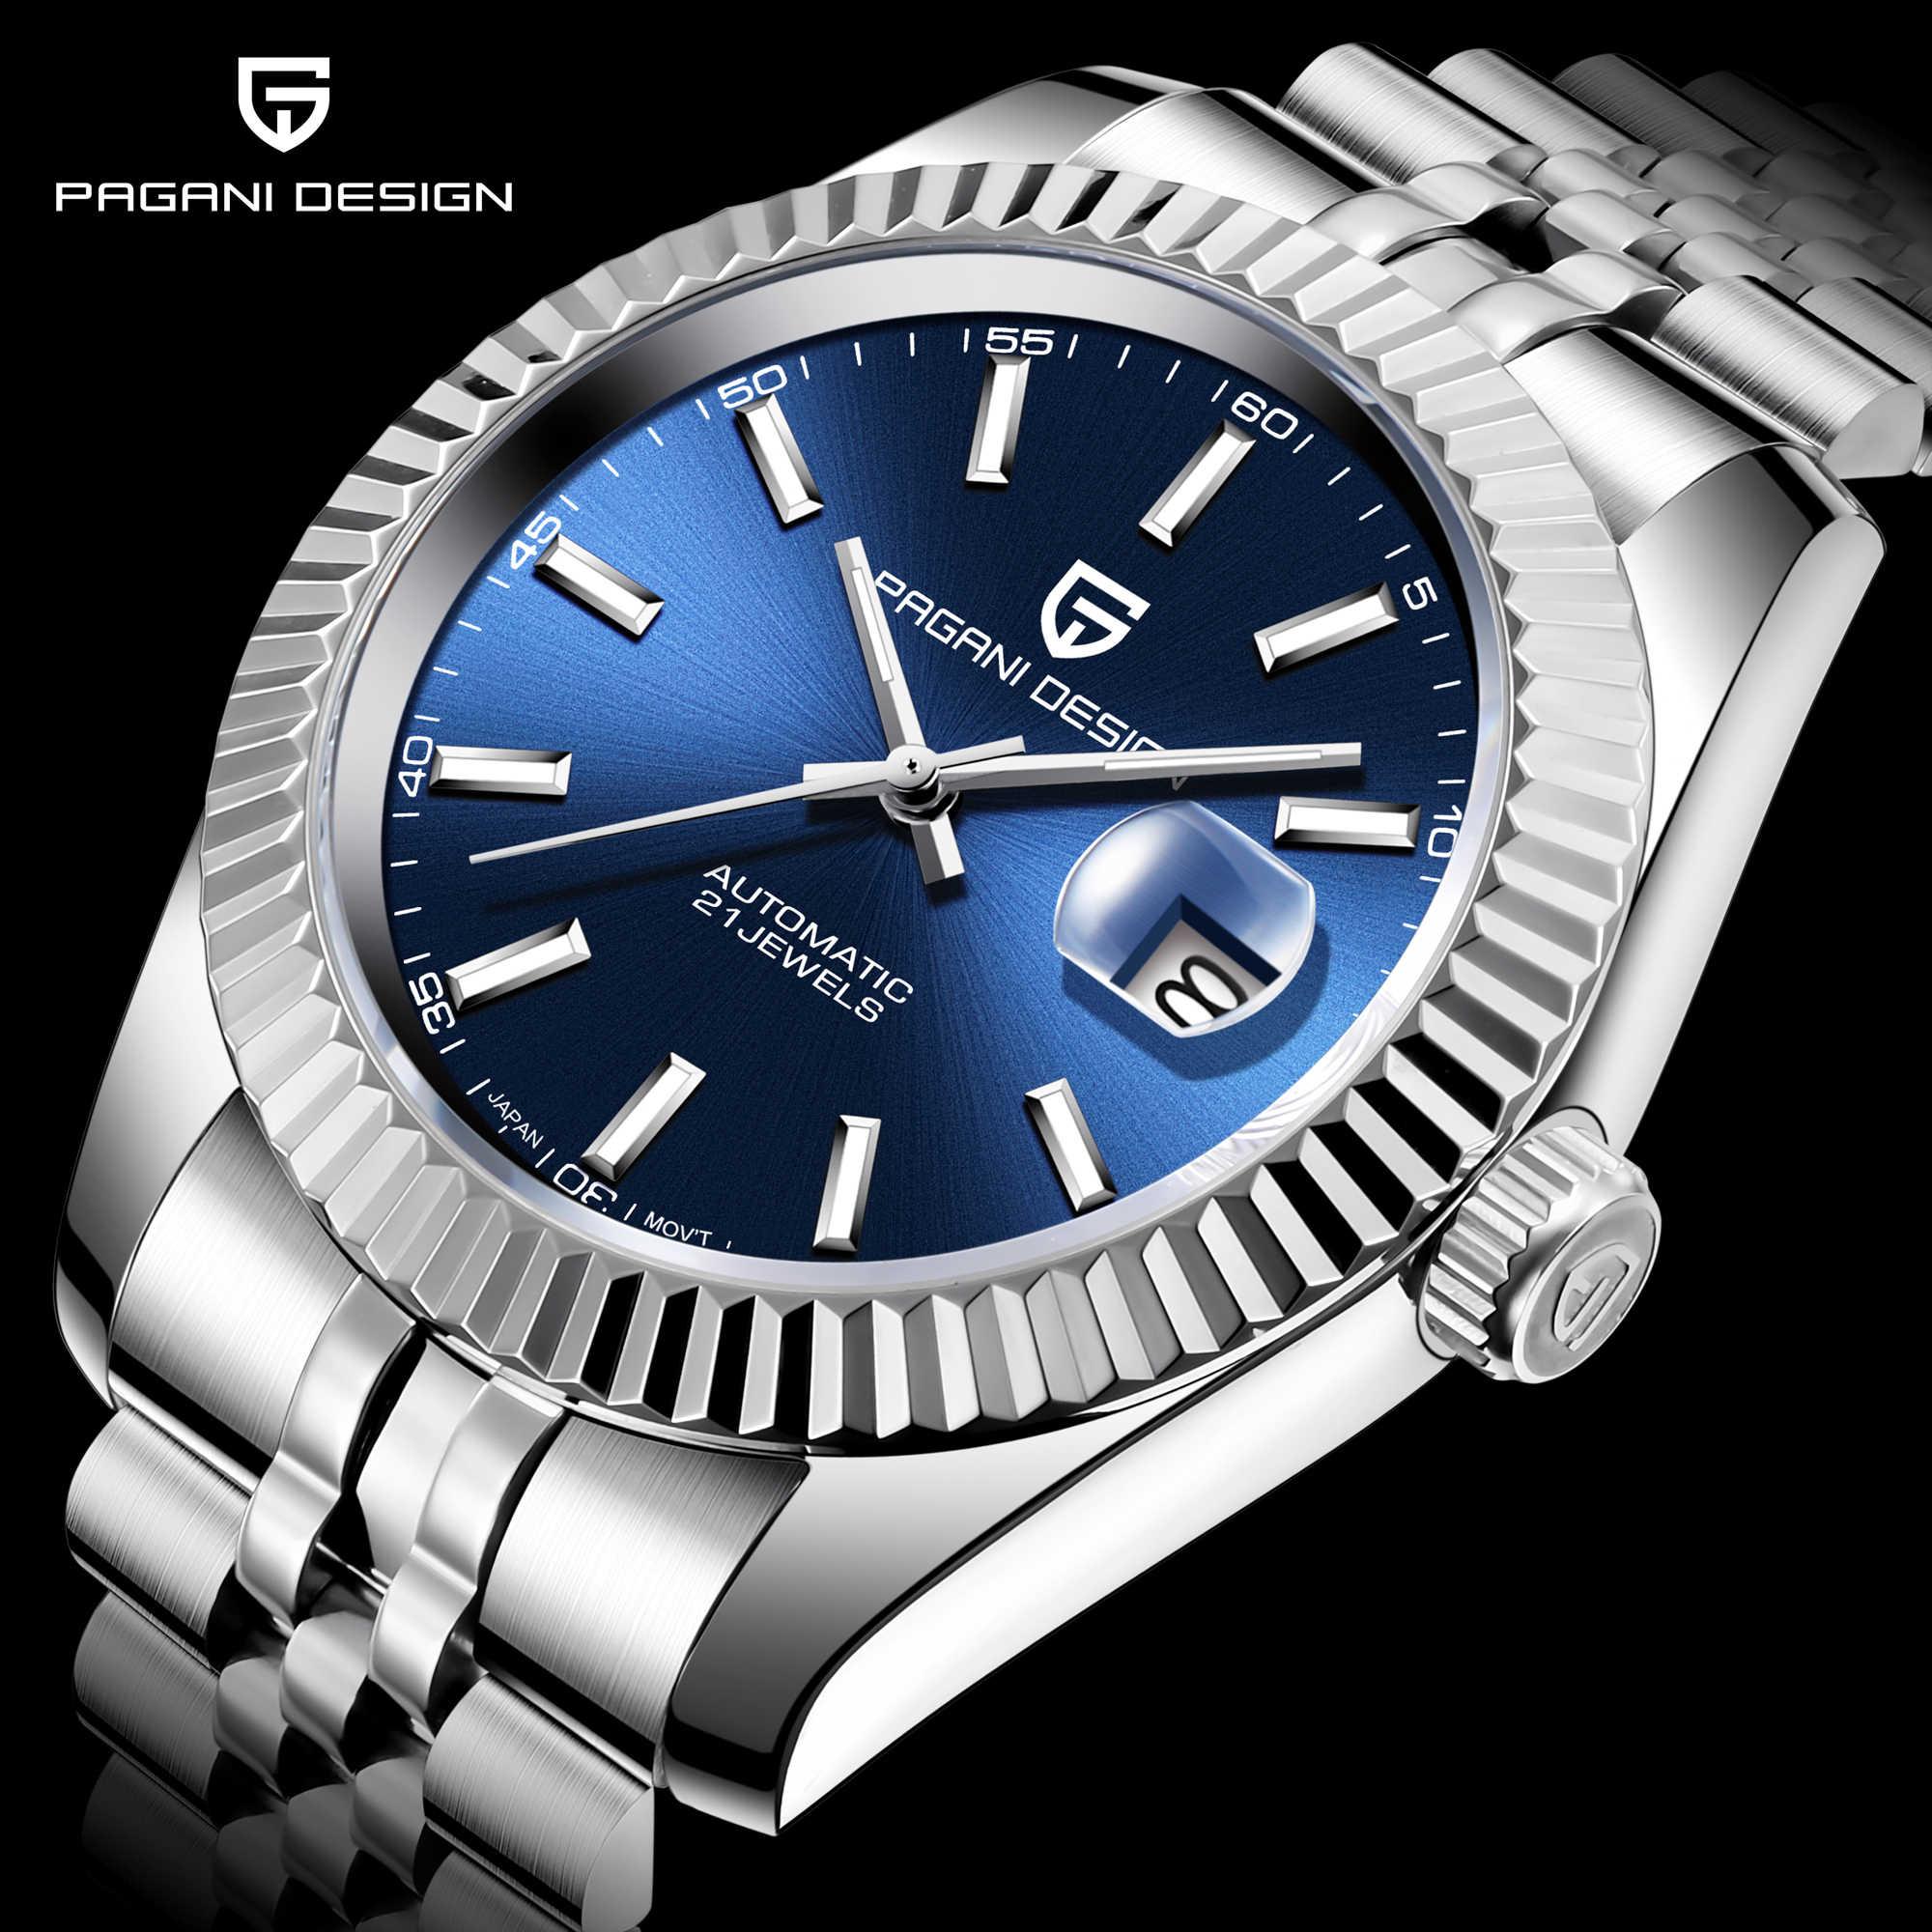 PAGANI Дизайнерские мужские часы от ведущего бренда, роскошные часы с золотым браслетом и металлическим ремешком, мужские часы s 100M водонепроницаемые Rolexable часы Relogio Masculino 2020